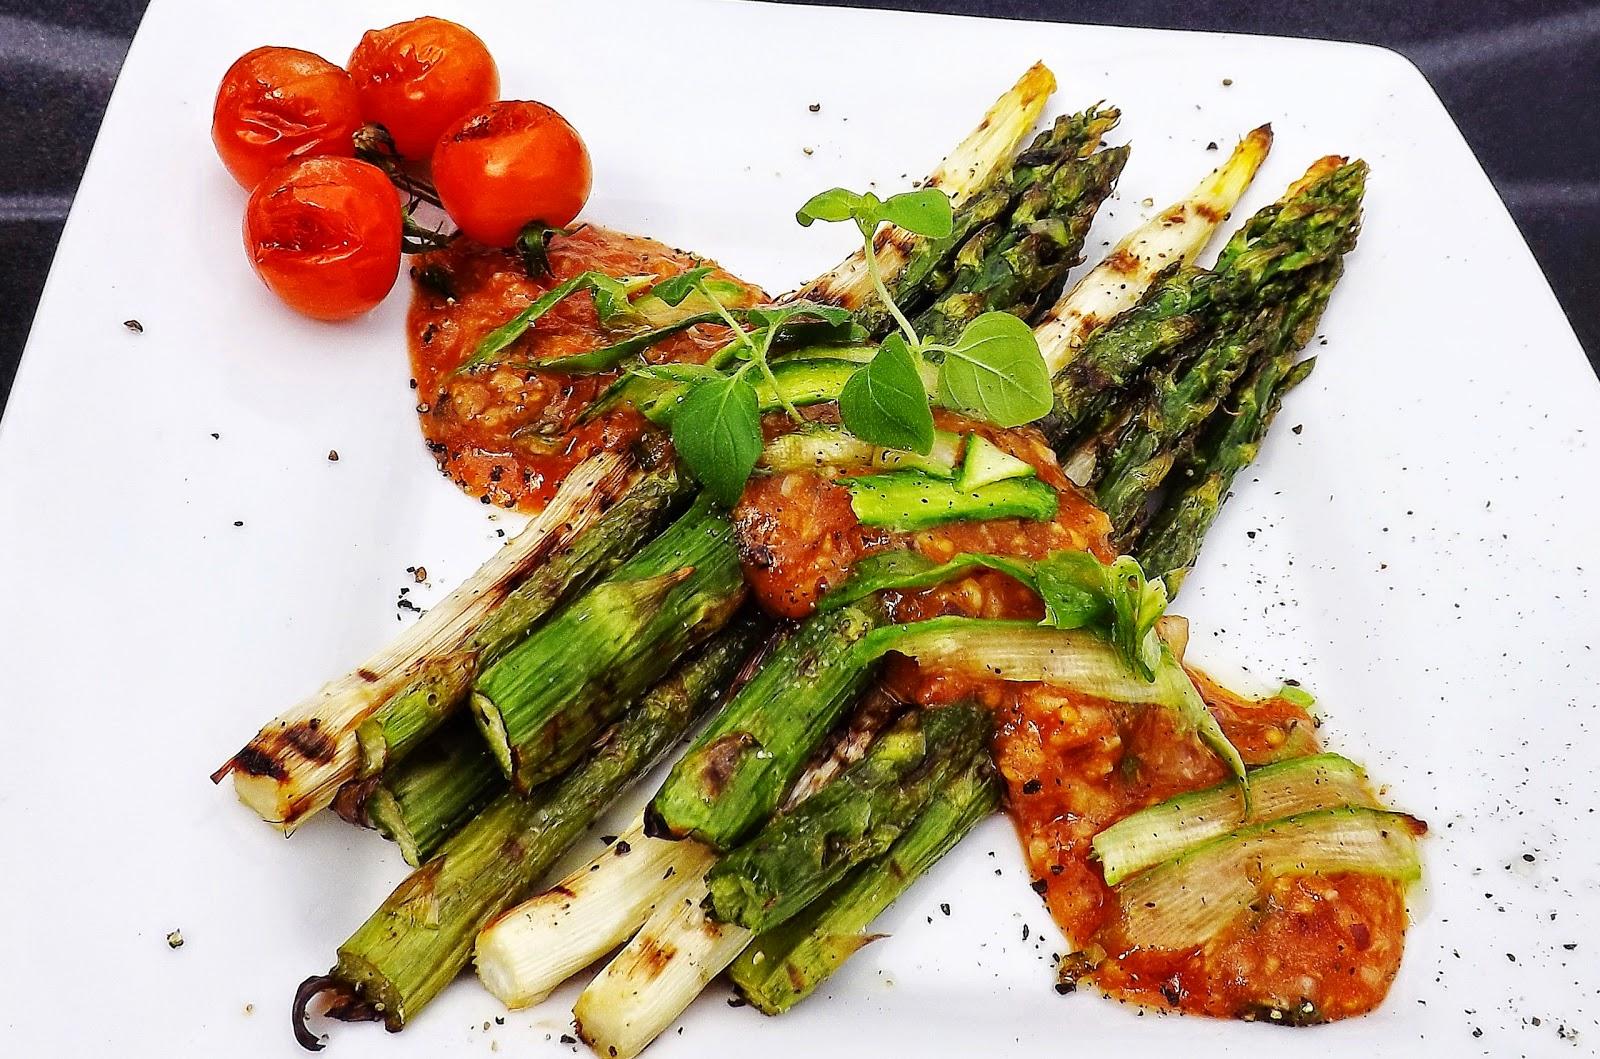 Szparagi z salsą z grillowanych pomidorków koktajlowych